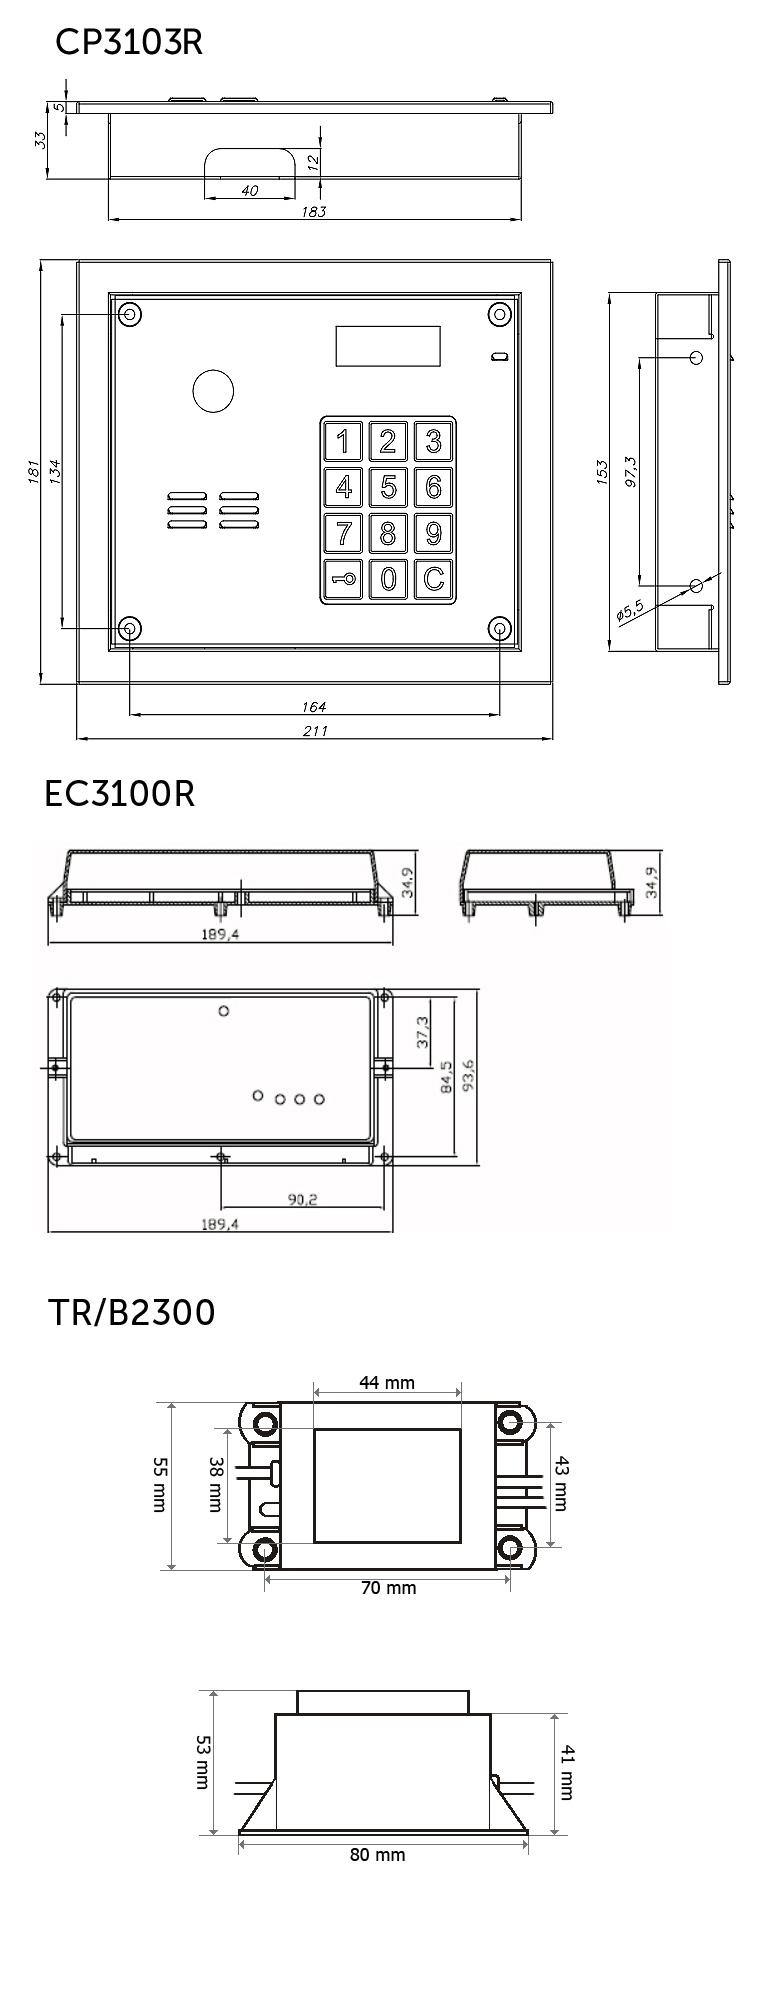 CD3103R - wymiary panelu domofonowego, centralki i zasilacza.